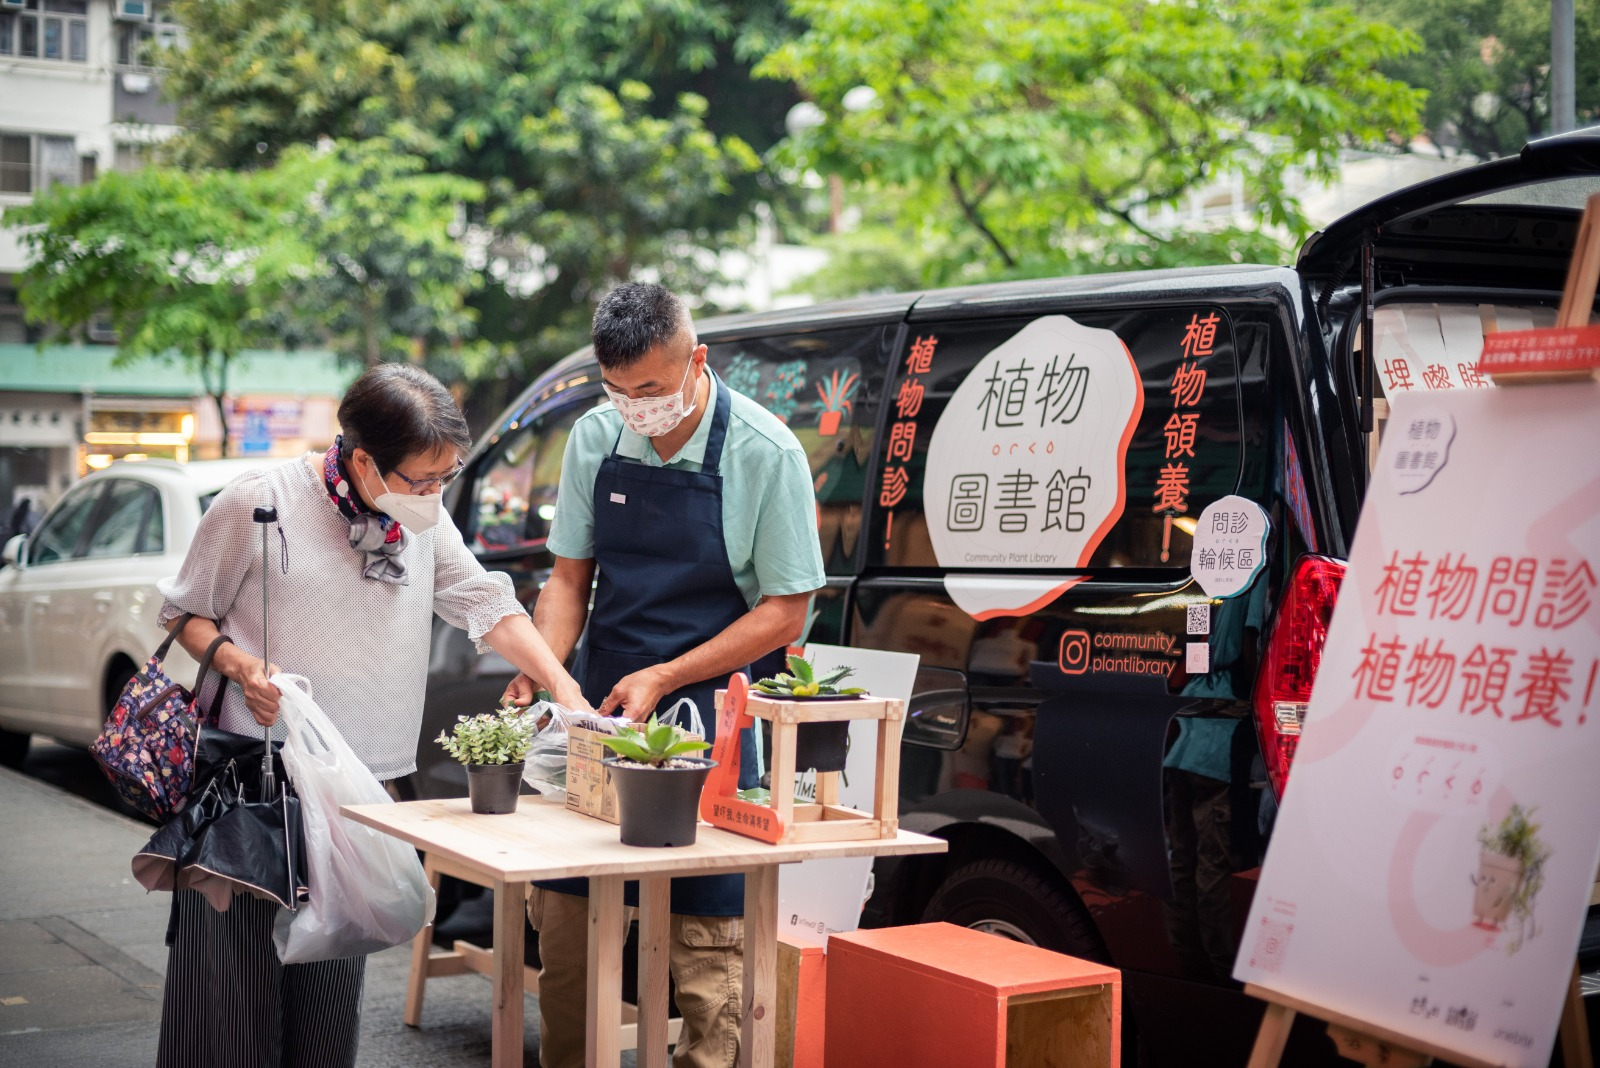 四、五月期間,隔個周末,他們會出動流動植物車,為街訪解答各類關於植物的疑難。此外,植物圖書館管理員 Charaine也會經常落區,跟進街坊的種植狀況,提供協助,與街坊保持關係。